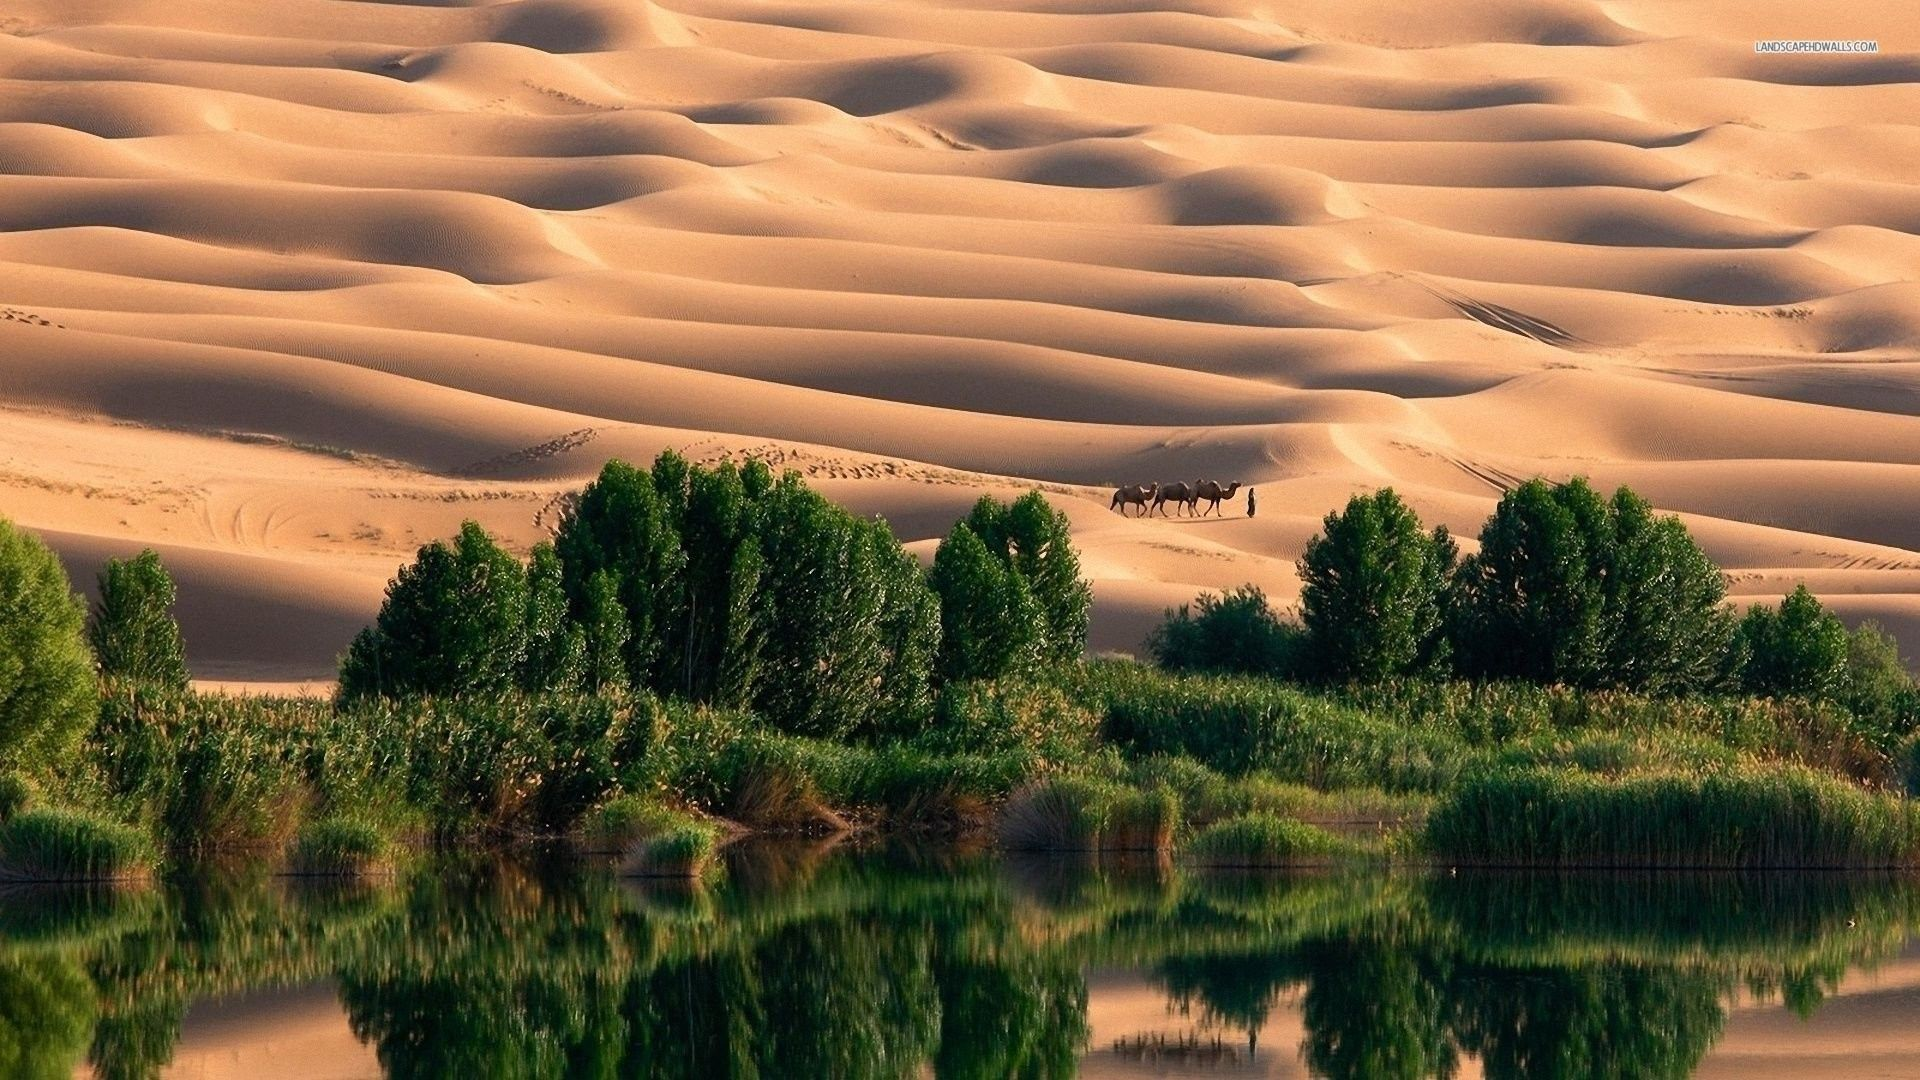 free desert images